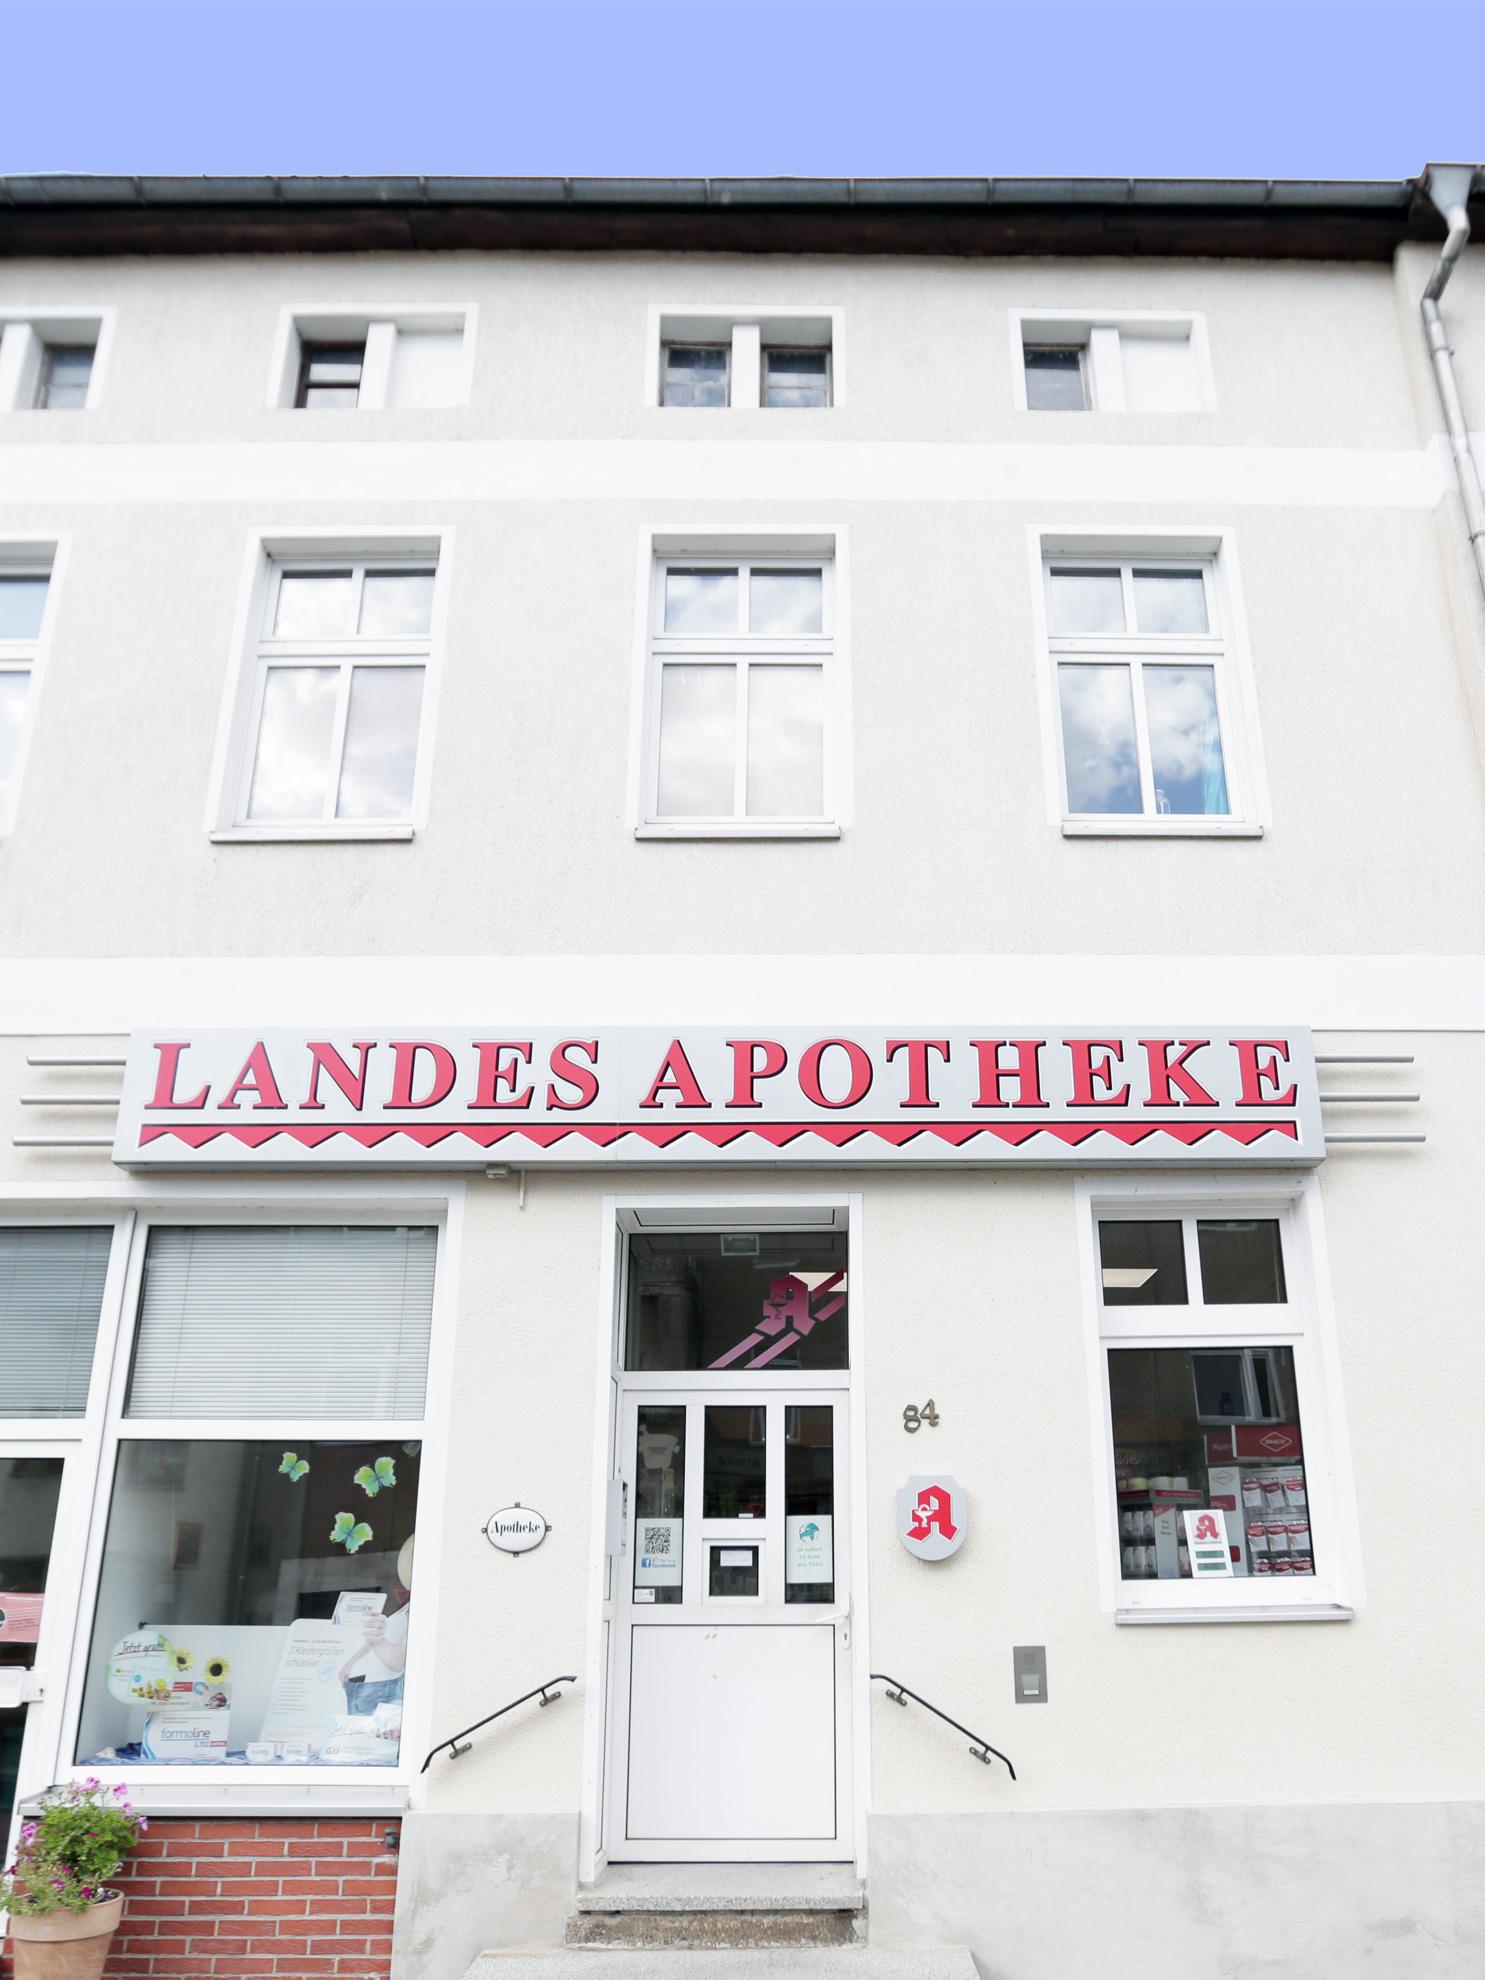 Landesapotheke Oderberg